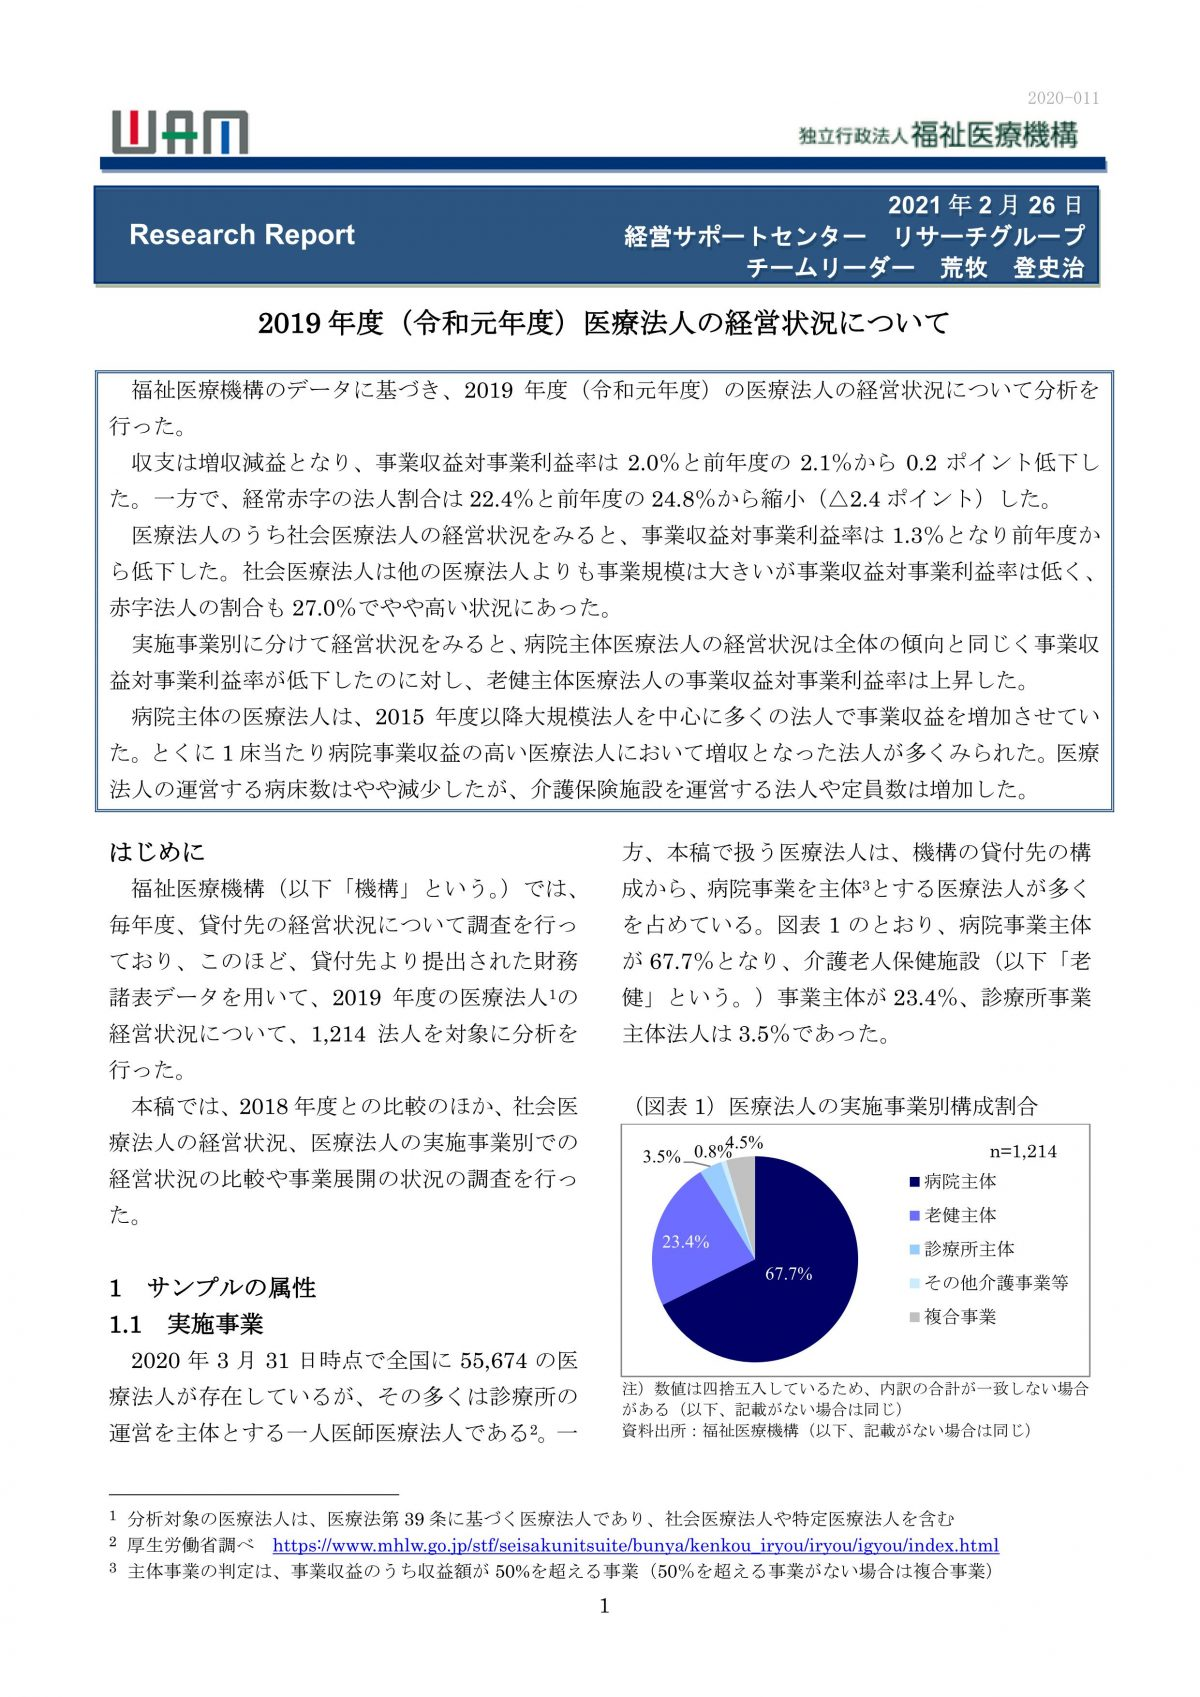 2019年度(令和元年度) 医療法人の経営状況について